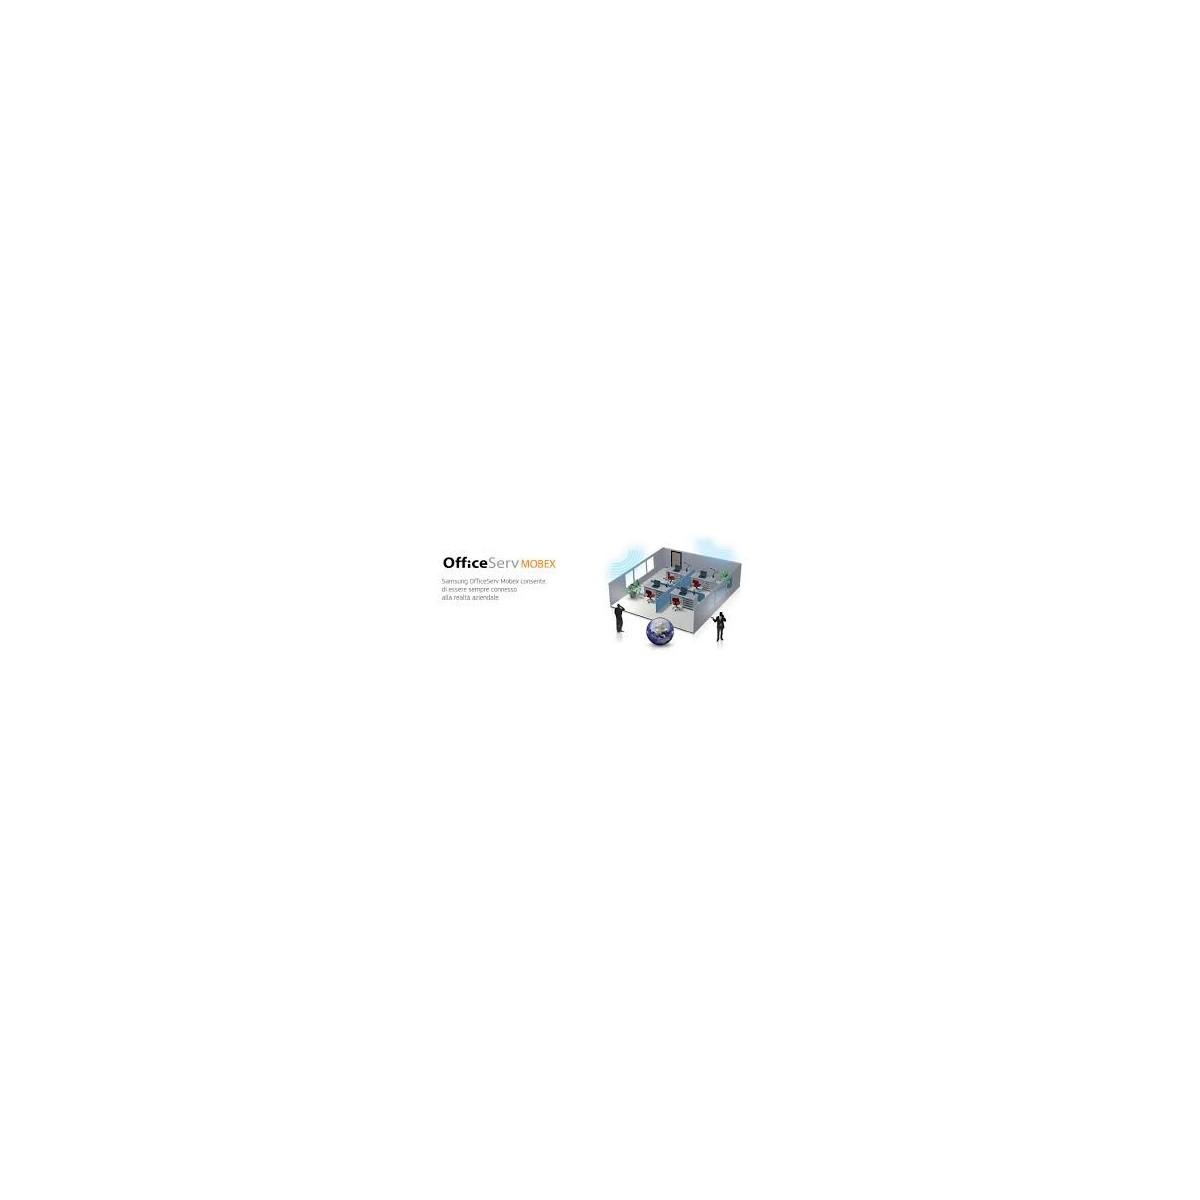 Licenza SPNet OS 7100 Samsung